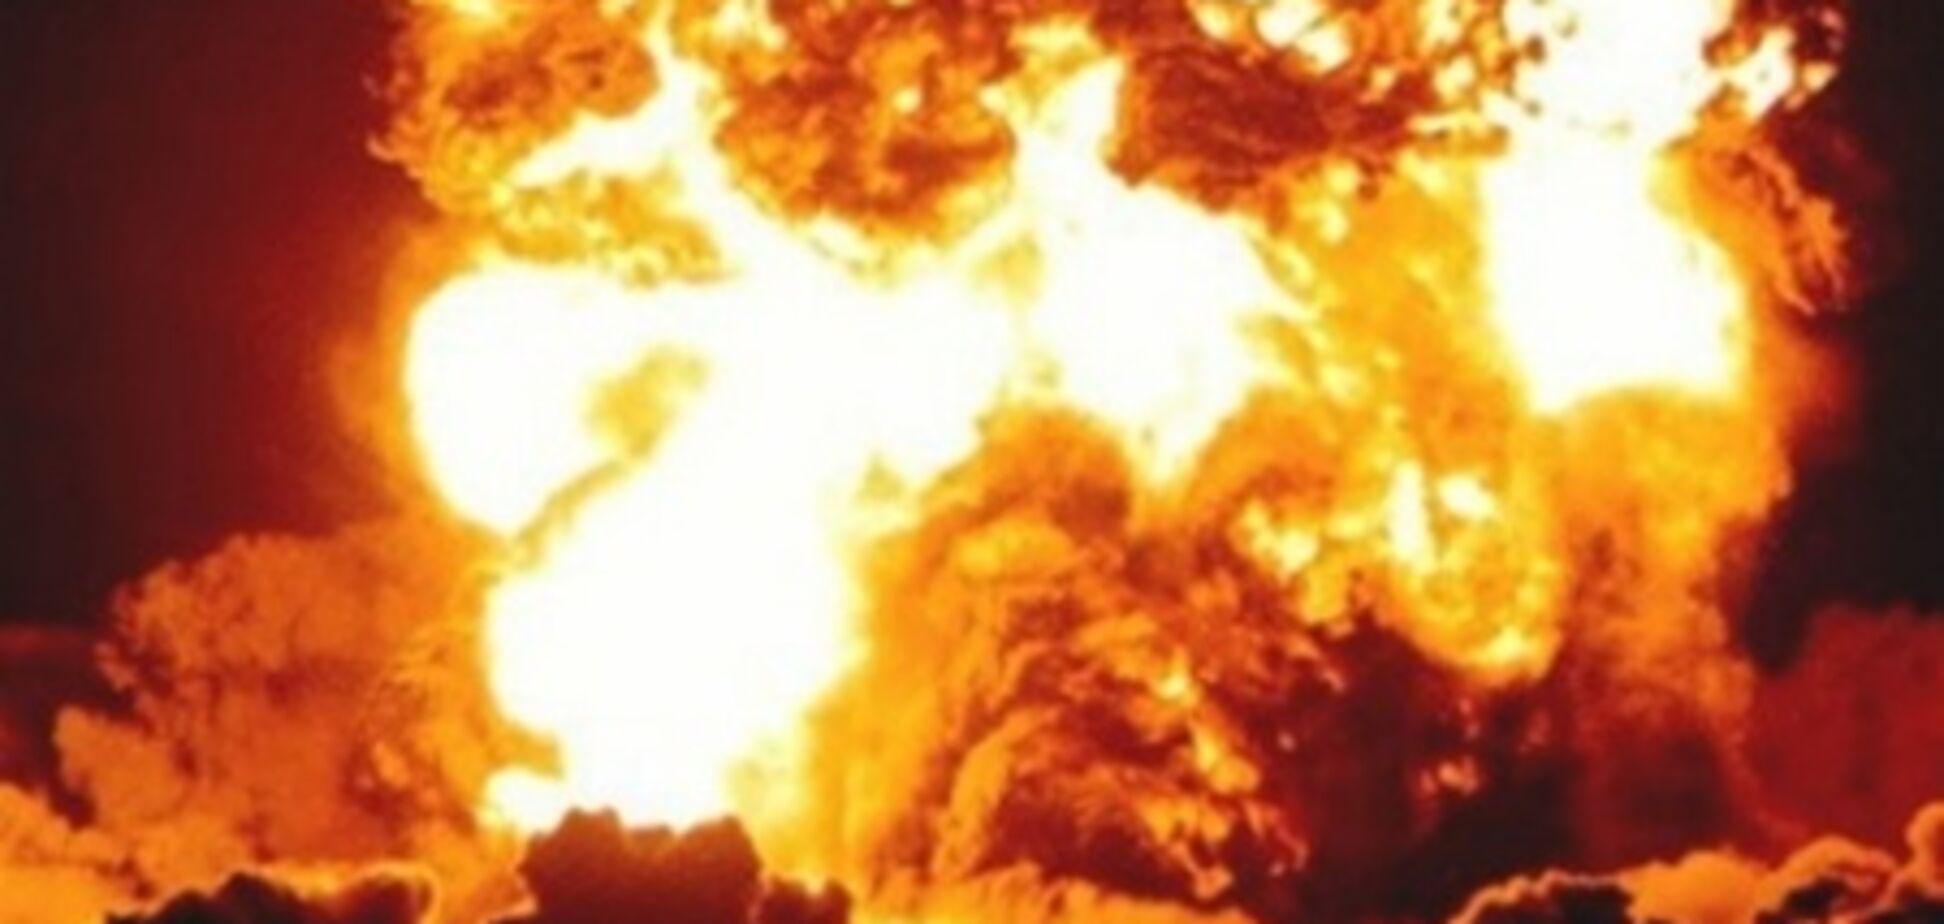 Как действовать при взрыве и пожаре. Инфографика